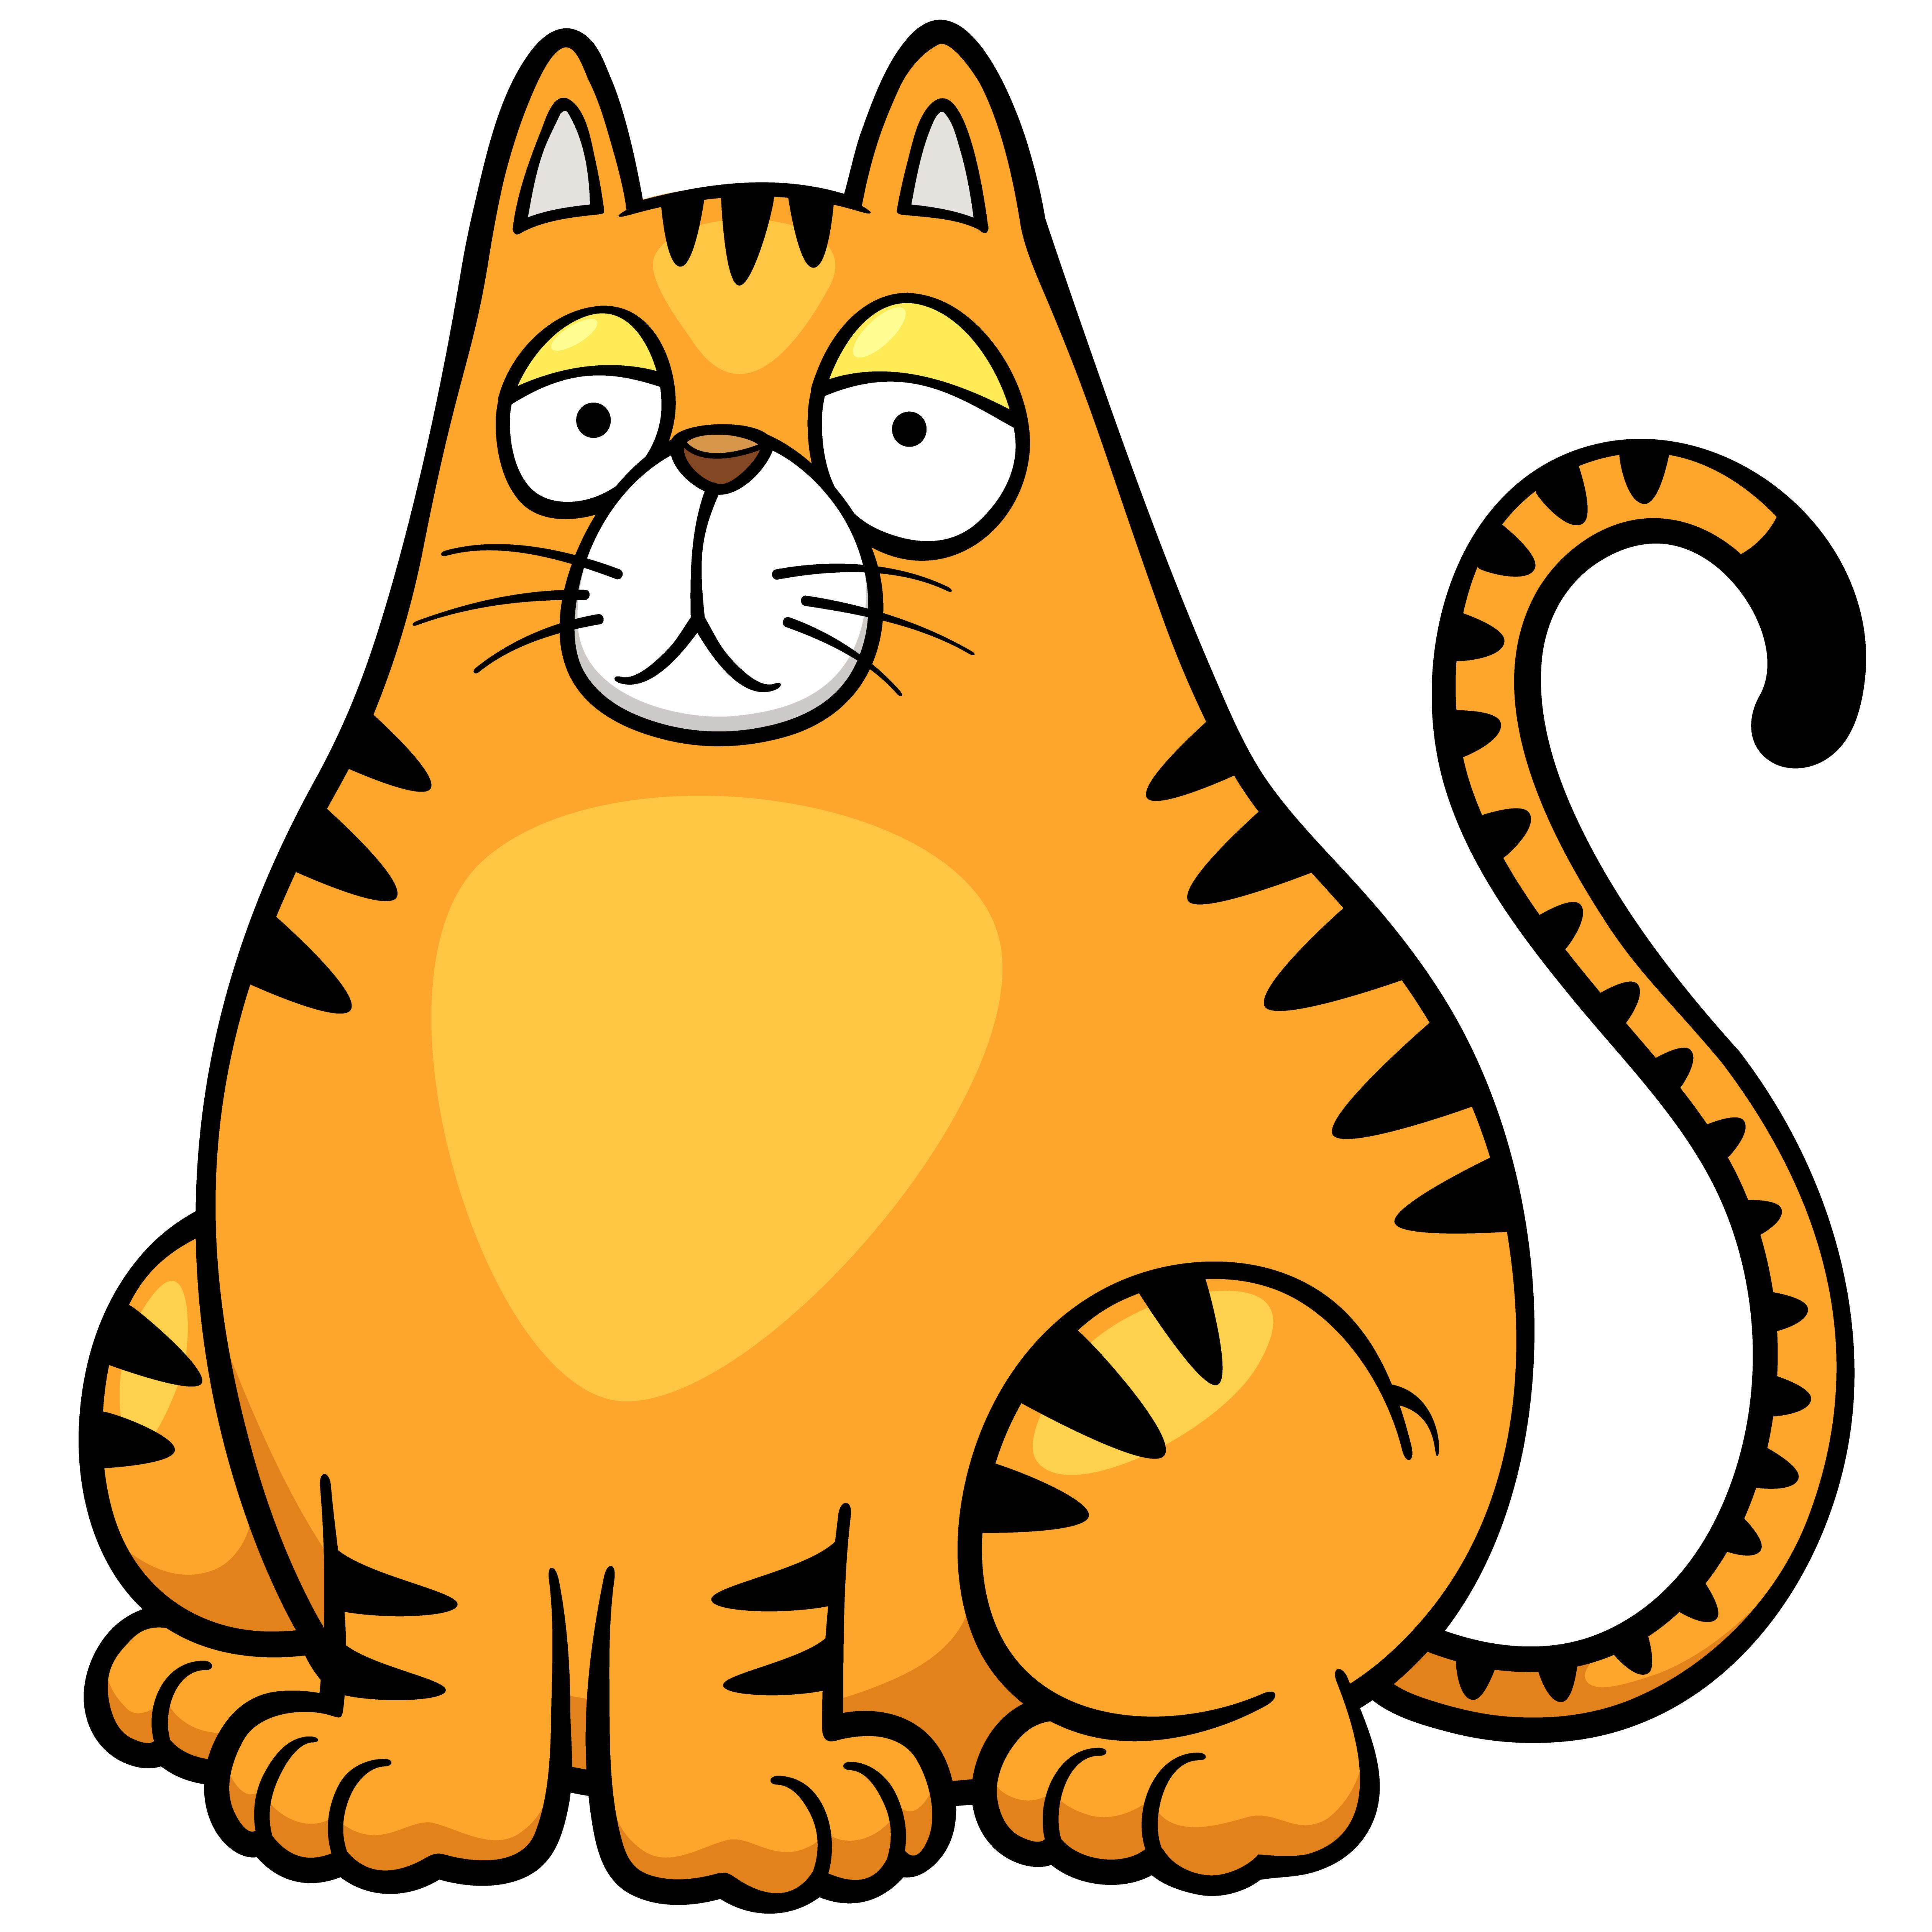 一款可爱的插画风格的动物图标,啦啦